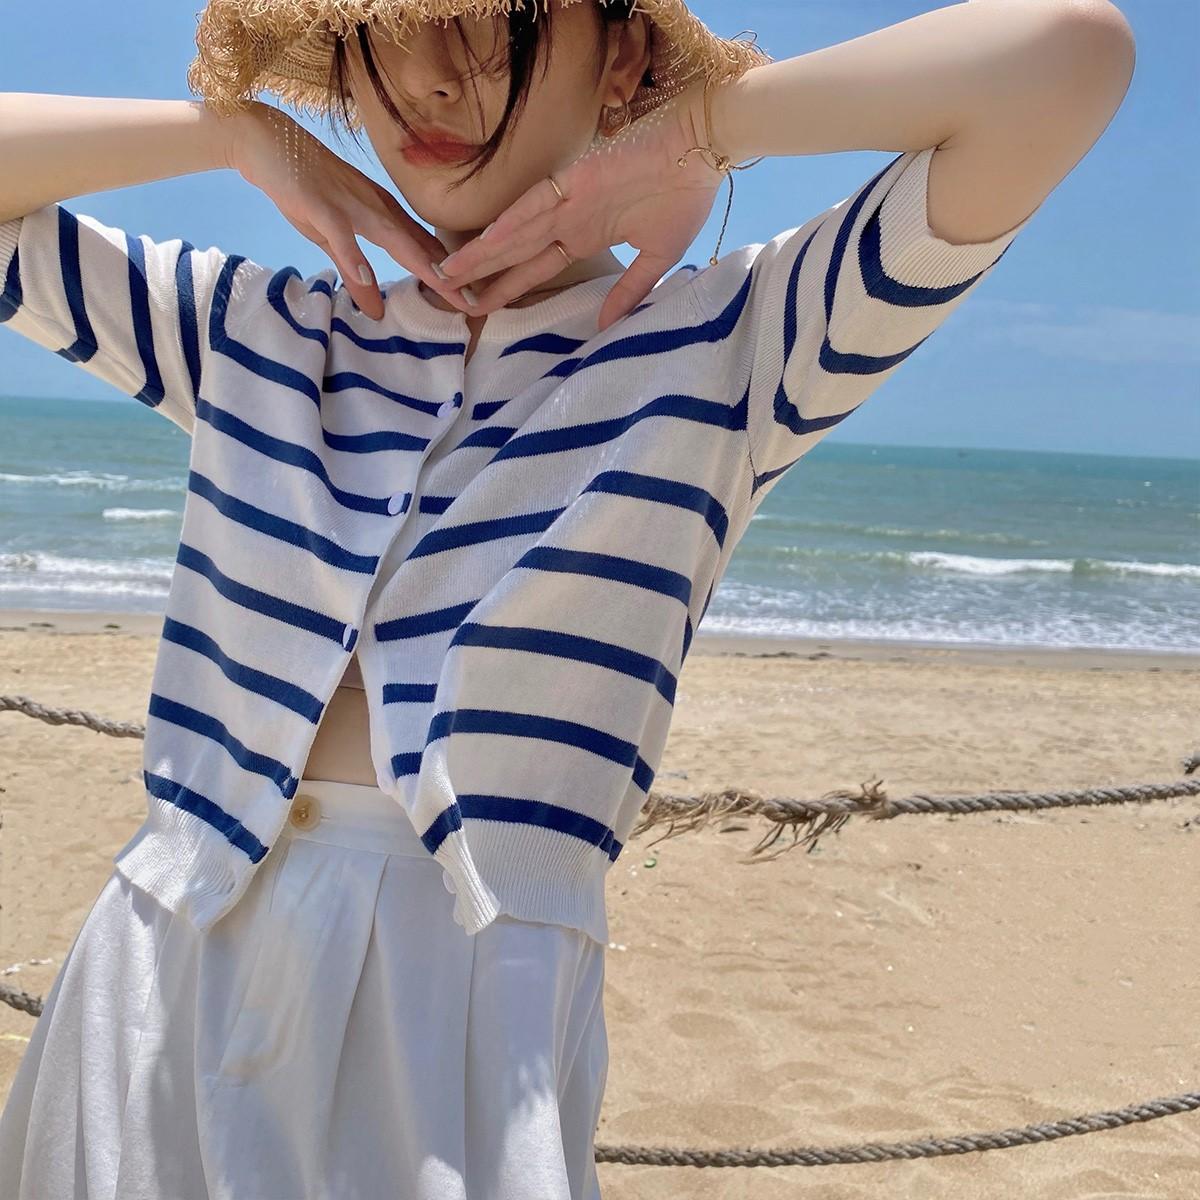 蓝白条纹t恤 蓝白条纹t恤针织开衫2021夏季女短款冰丝空调防晒海魂衫薄款上衣_推荐淘宝好看的女蓝白条纹t恤